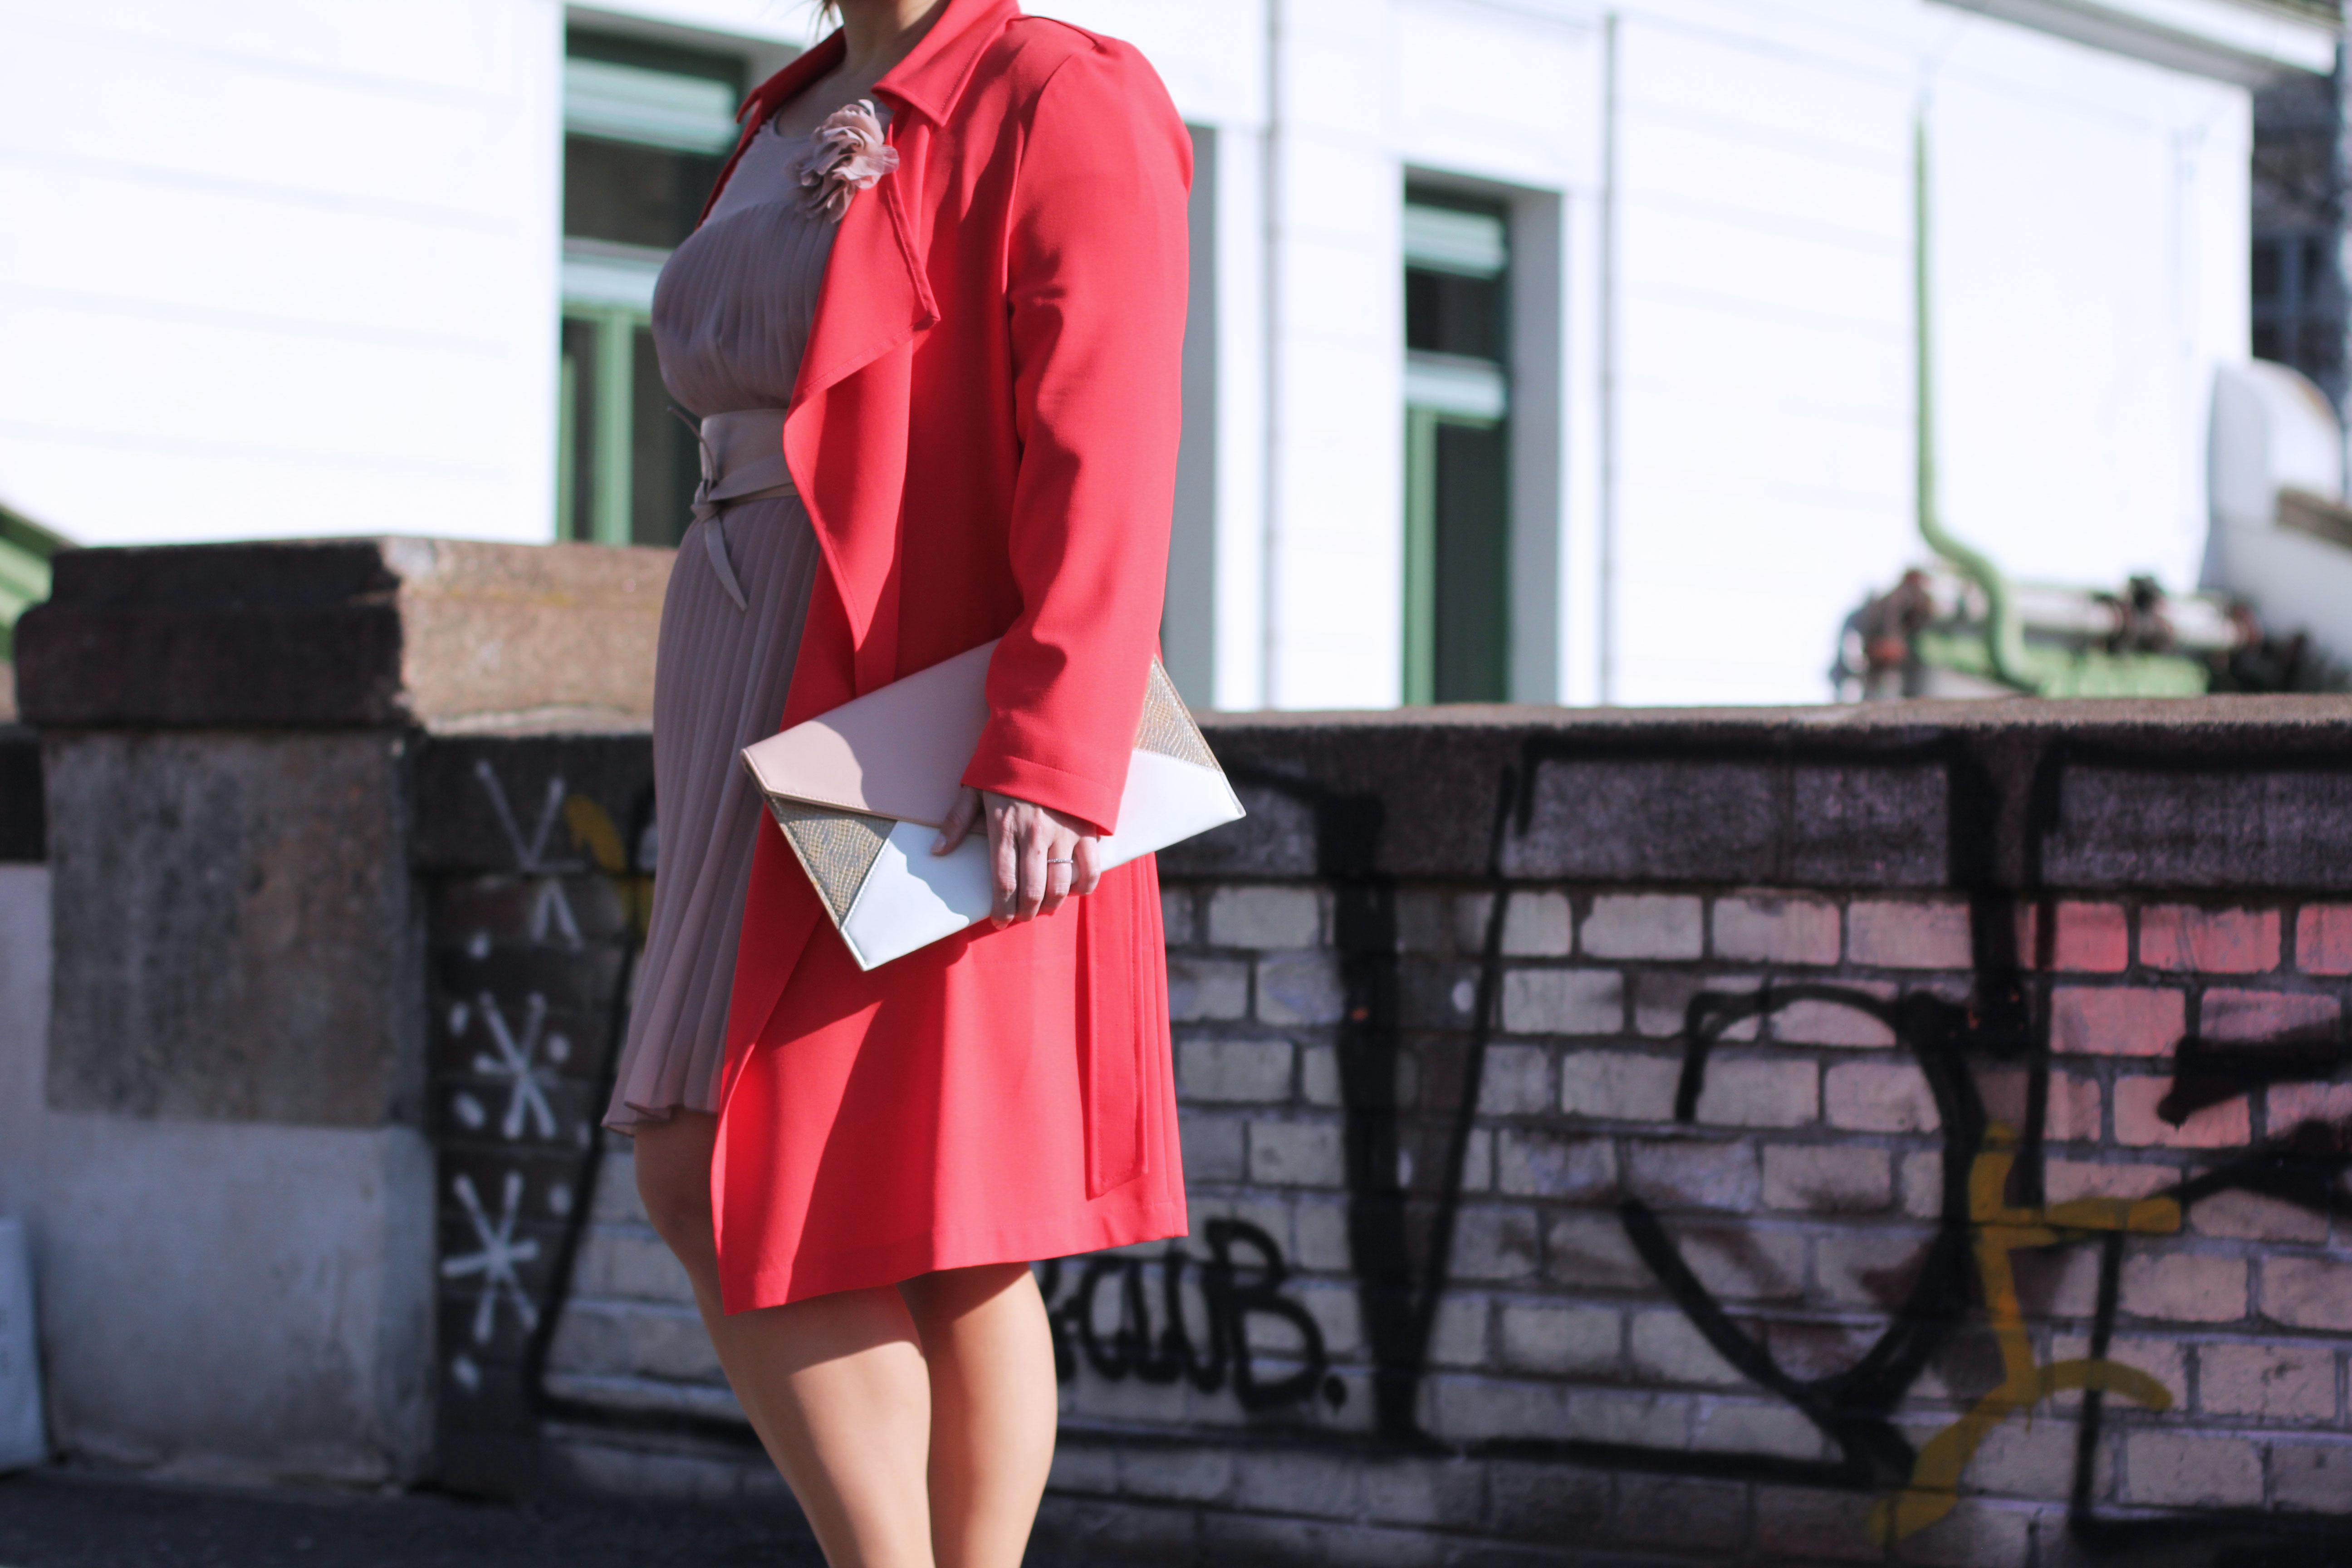 Volant-Metallic-Silber-Plissee-Kleid-Koralle-Trenchcoat-Grandios-Vienna-Plus-Size-Outfit-Look-Spring-Fashion-kardiaserena-cupcake-Romantik